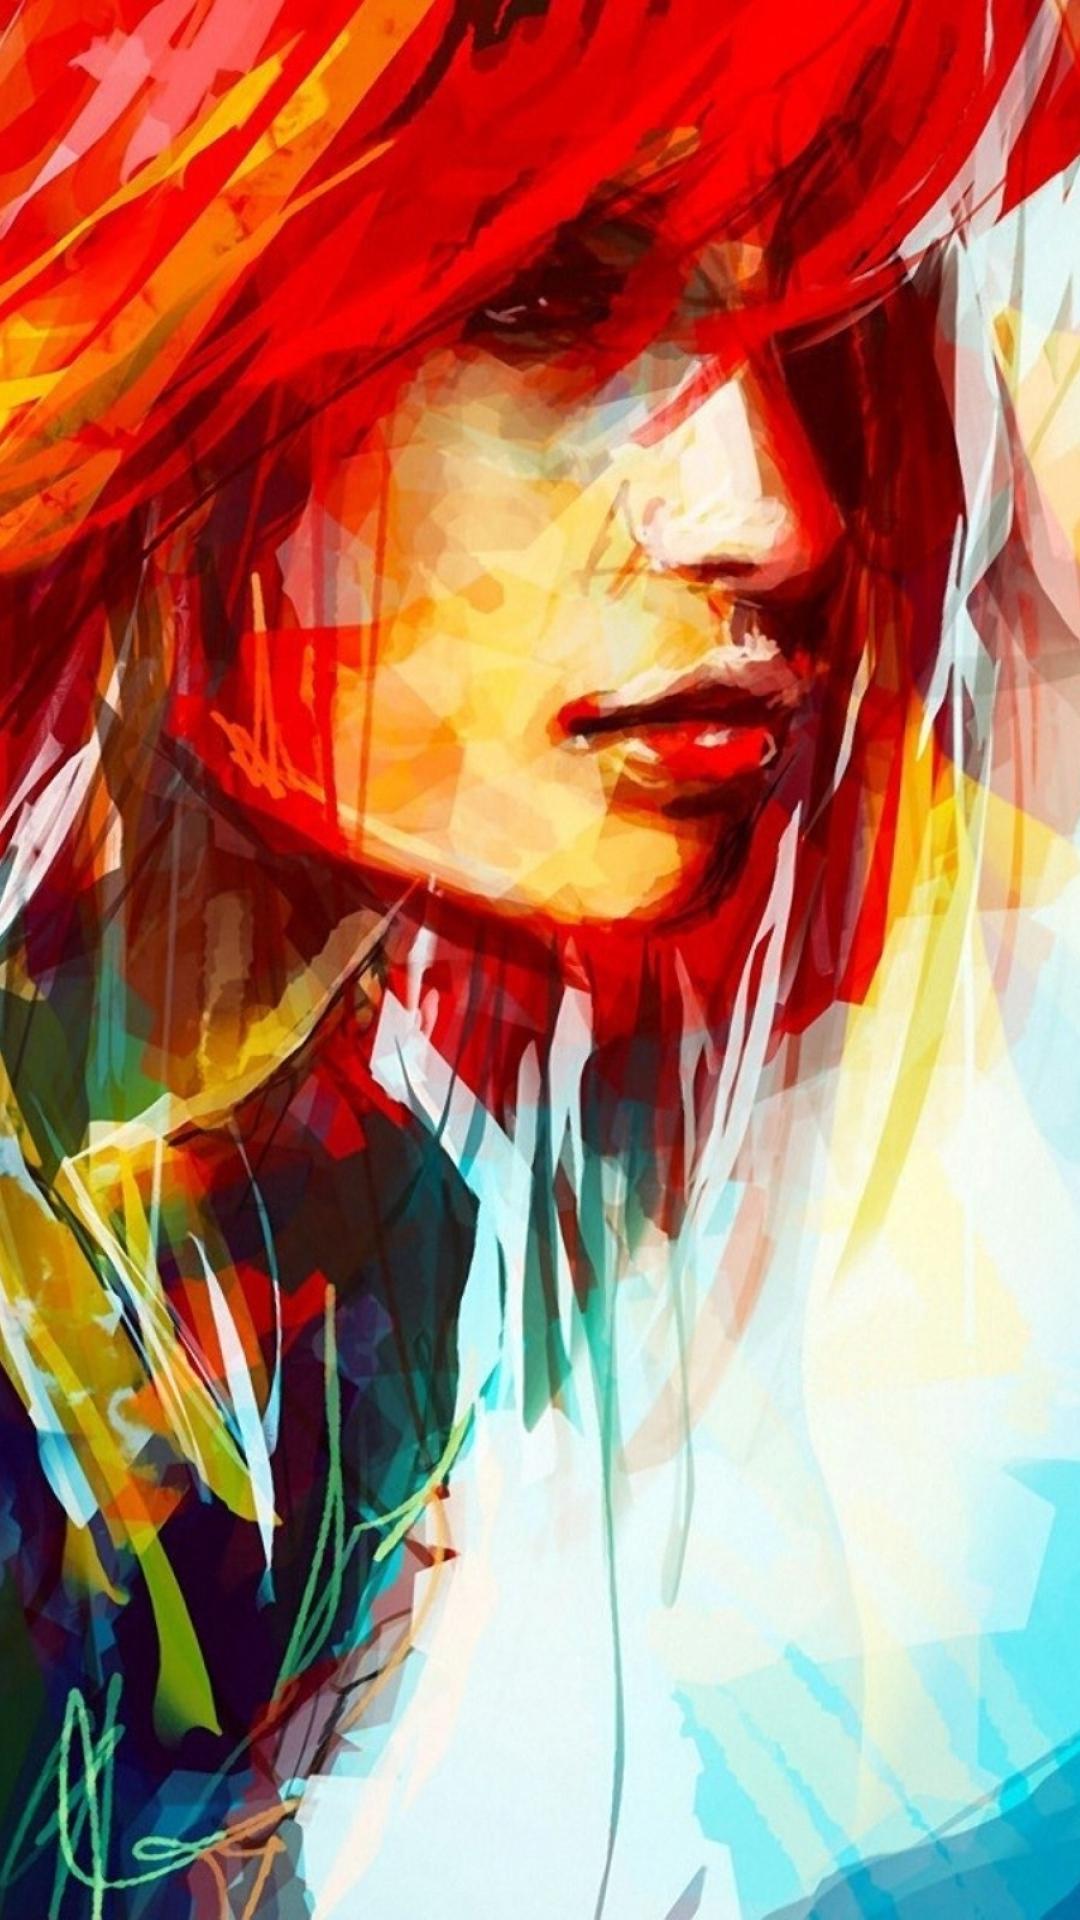 portrait wallpaper backgrounds - photo #35